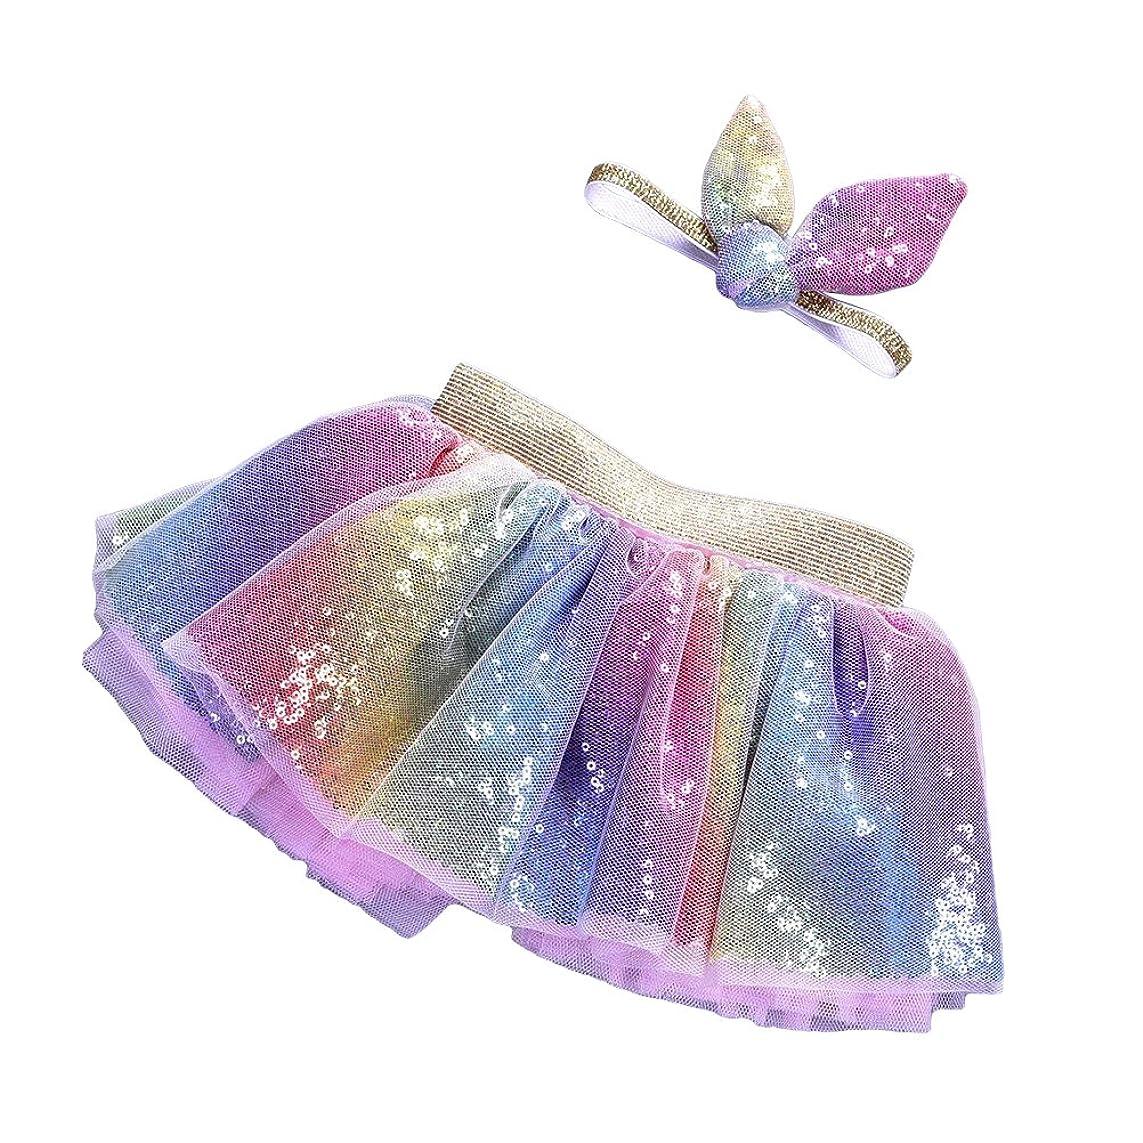 優遇落ち着く有力者LUOEM 2PCSレインボーツツースカート(ヘッドバンド付き)プリンセスガールツツーの服装ベビーガールズ誕生日の服セットサイズM(2?5歳)